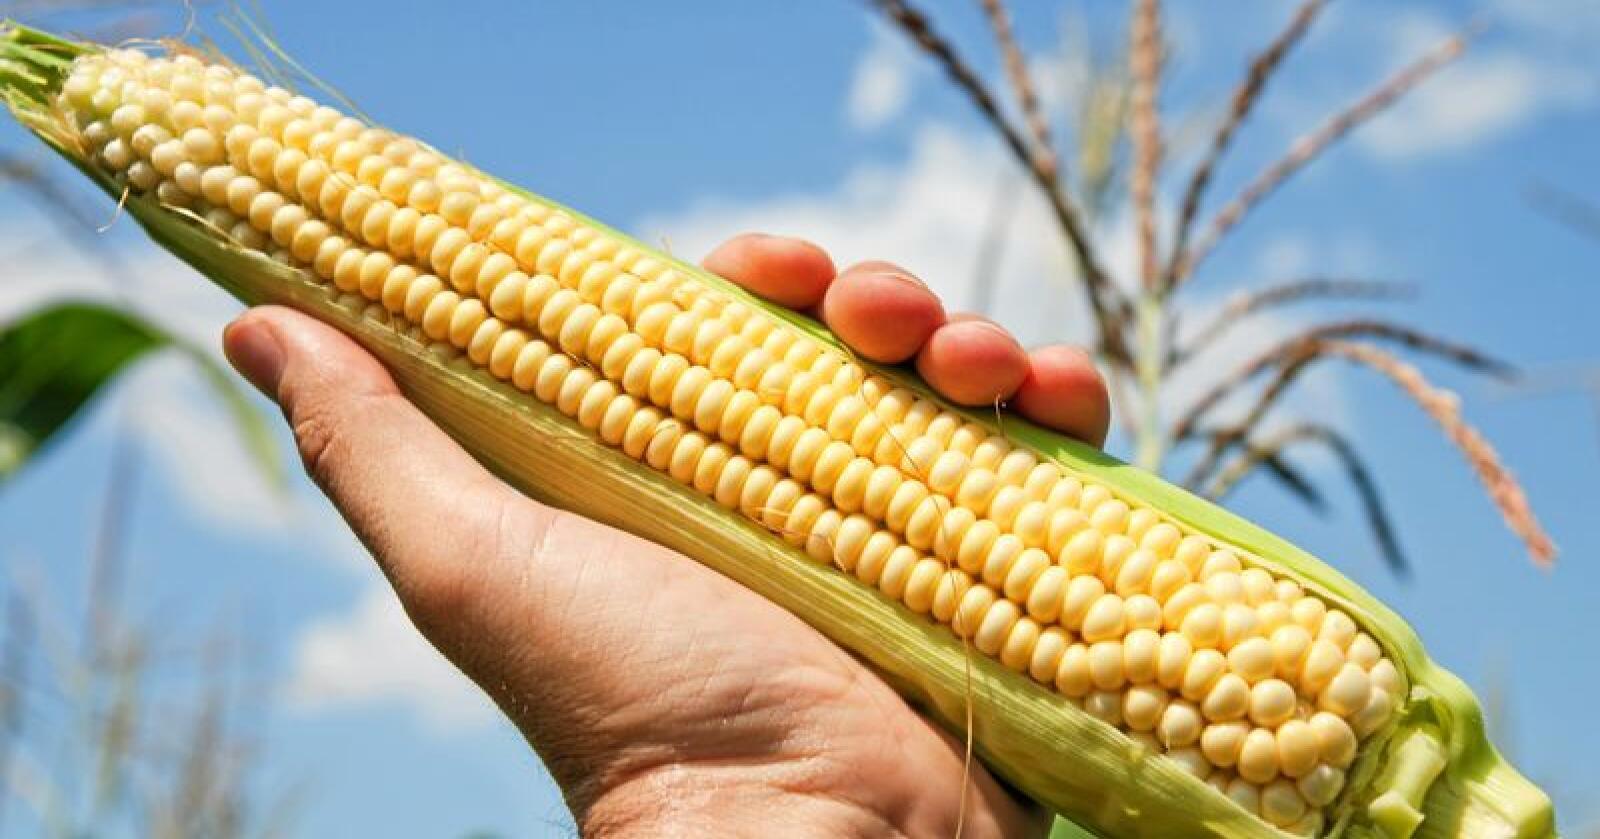 En stor andel av den økologiske maisen og soyaen solgt i USA over flere år var faktisk ikke økologisk. Foto: Colourbox